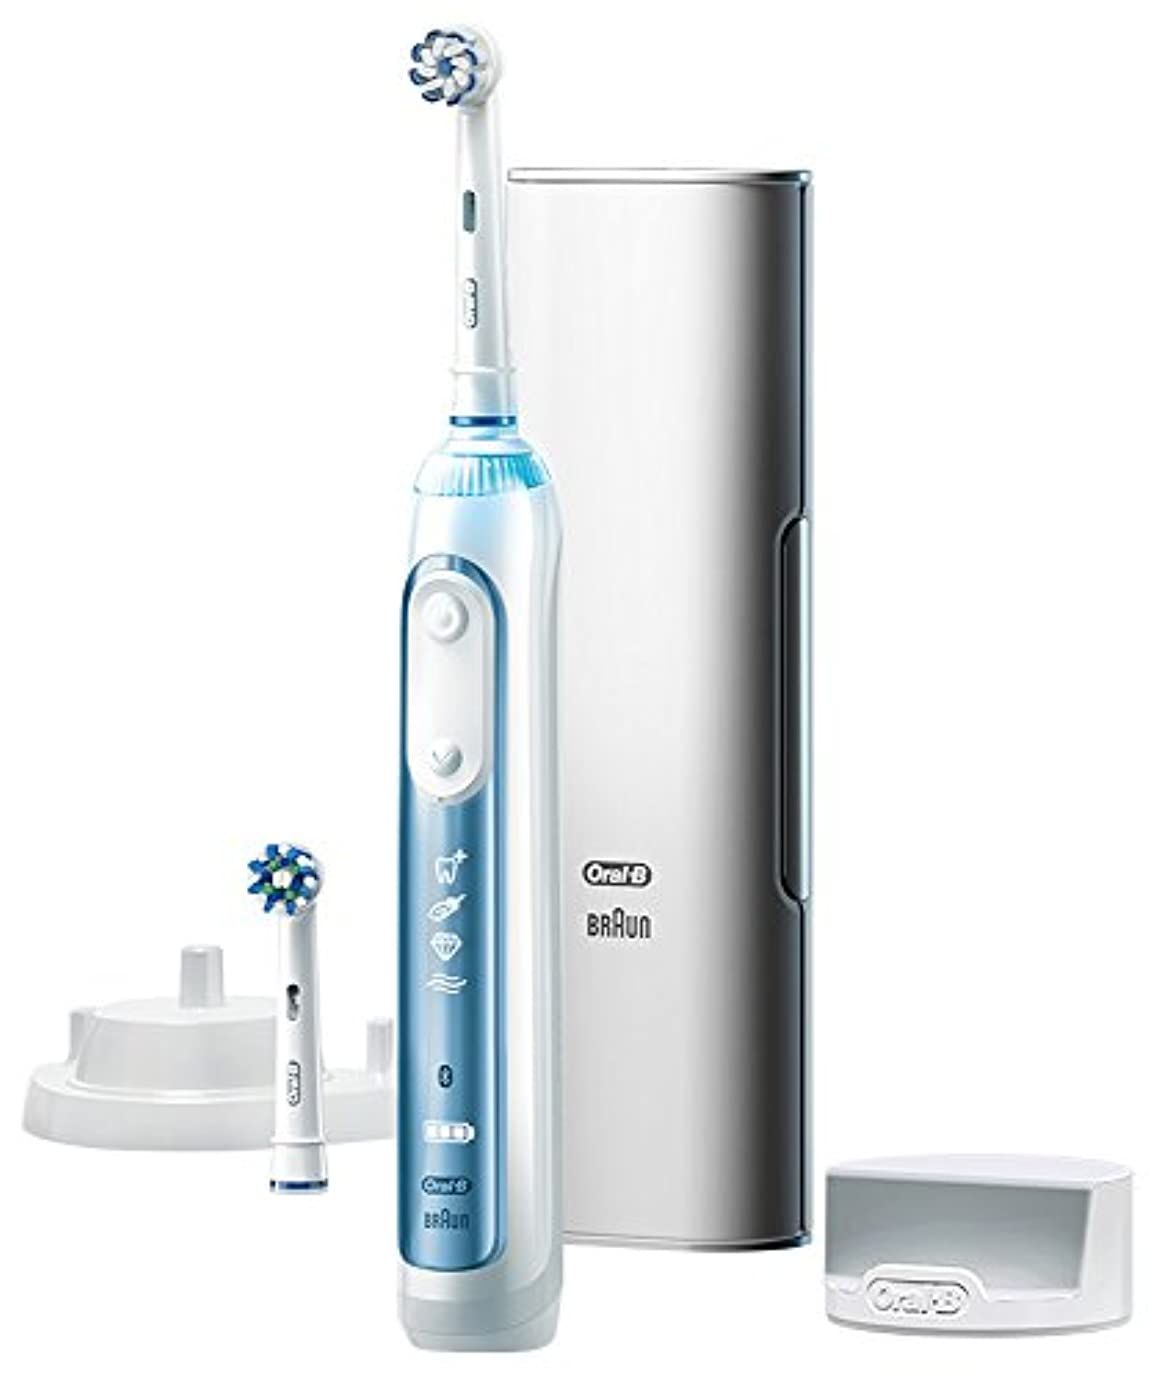 おなじみのひねくれたあなたはブラウン オーラルB 電動歯ブラシ スマート7000 D7005245XP D7005245XP